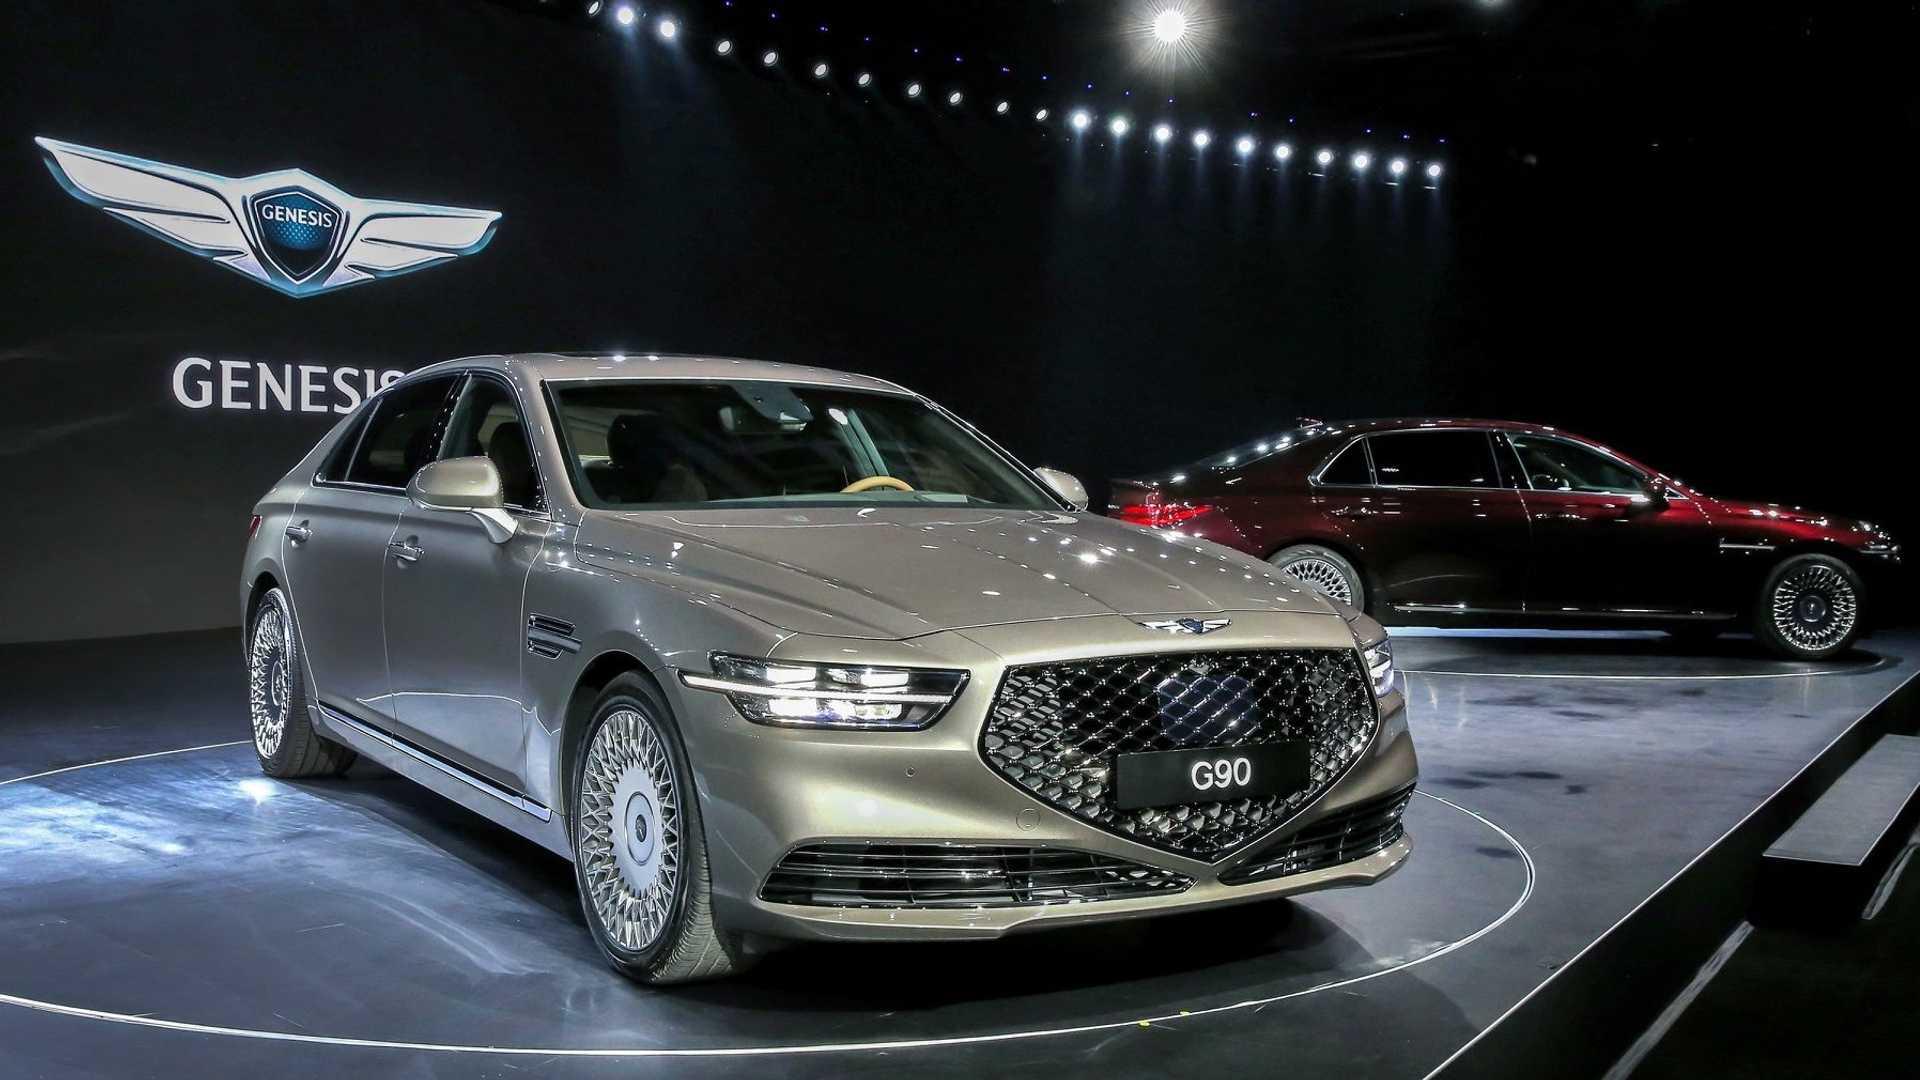 94 Concept of Hyundai Equus 2020 Specs and Review by Hyundai Equus 2020